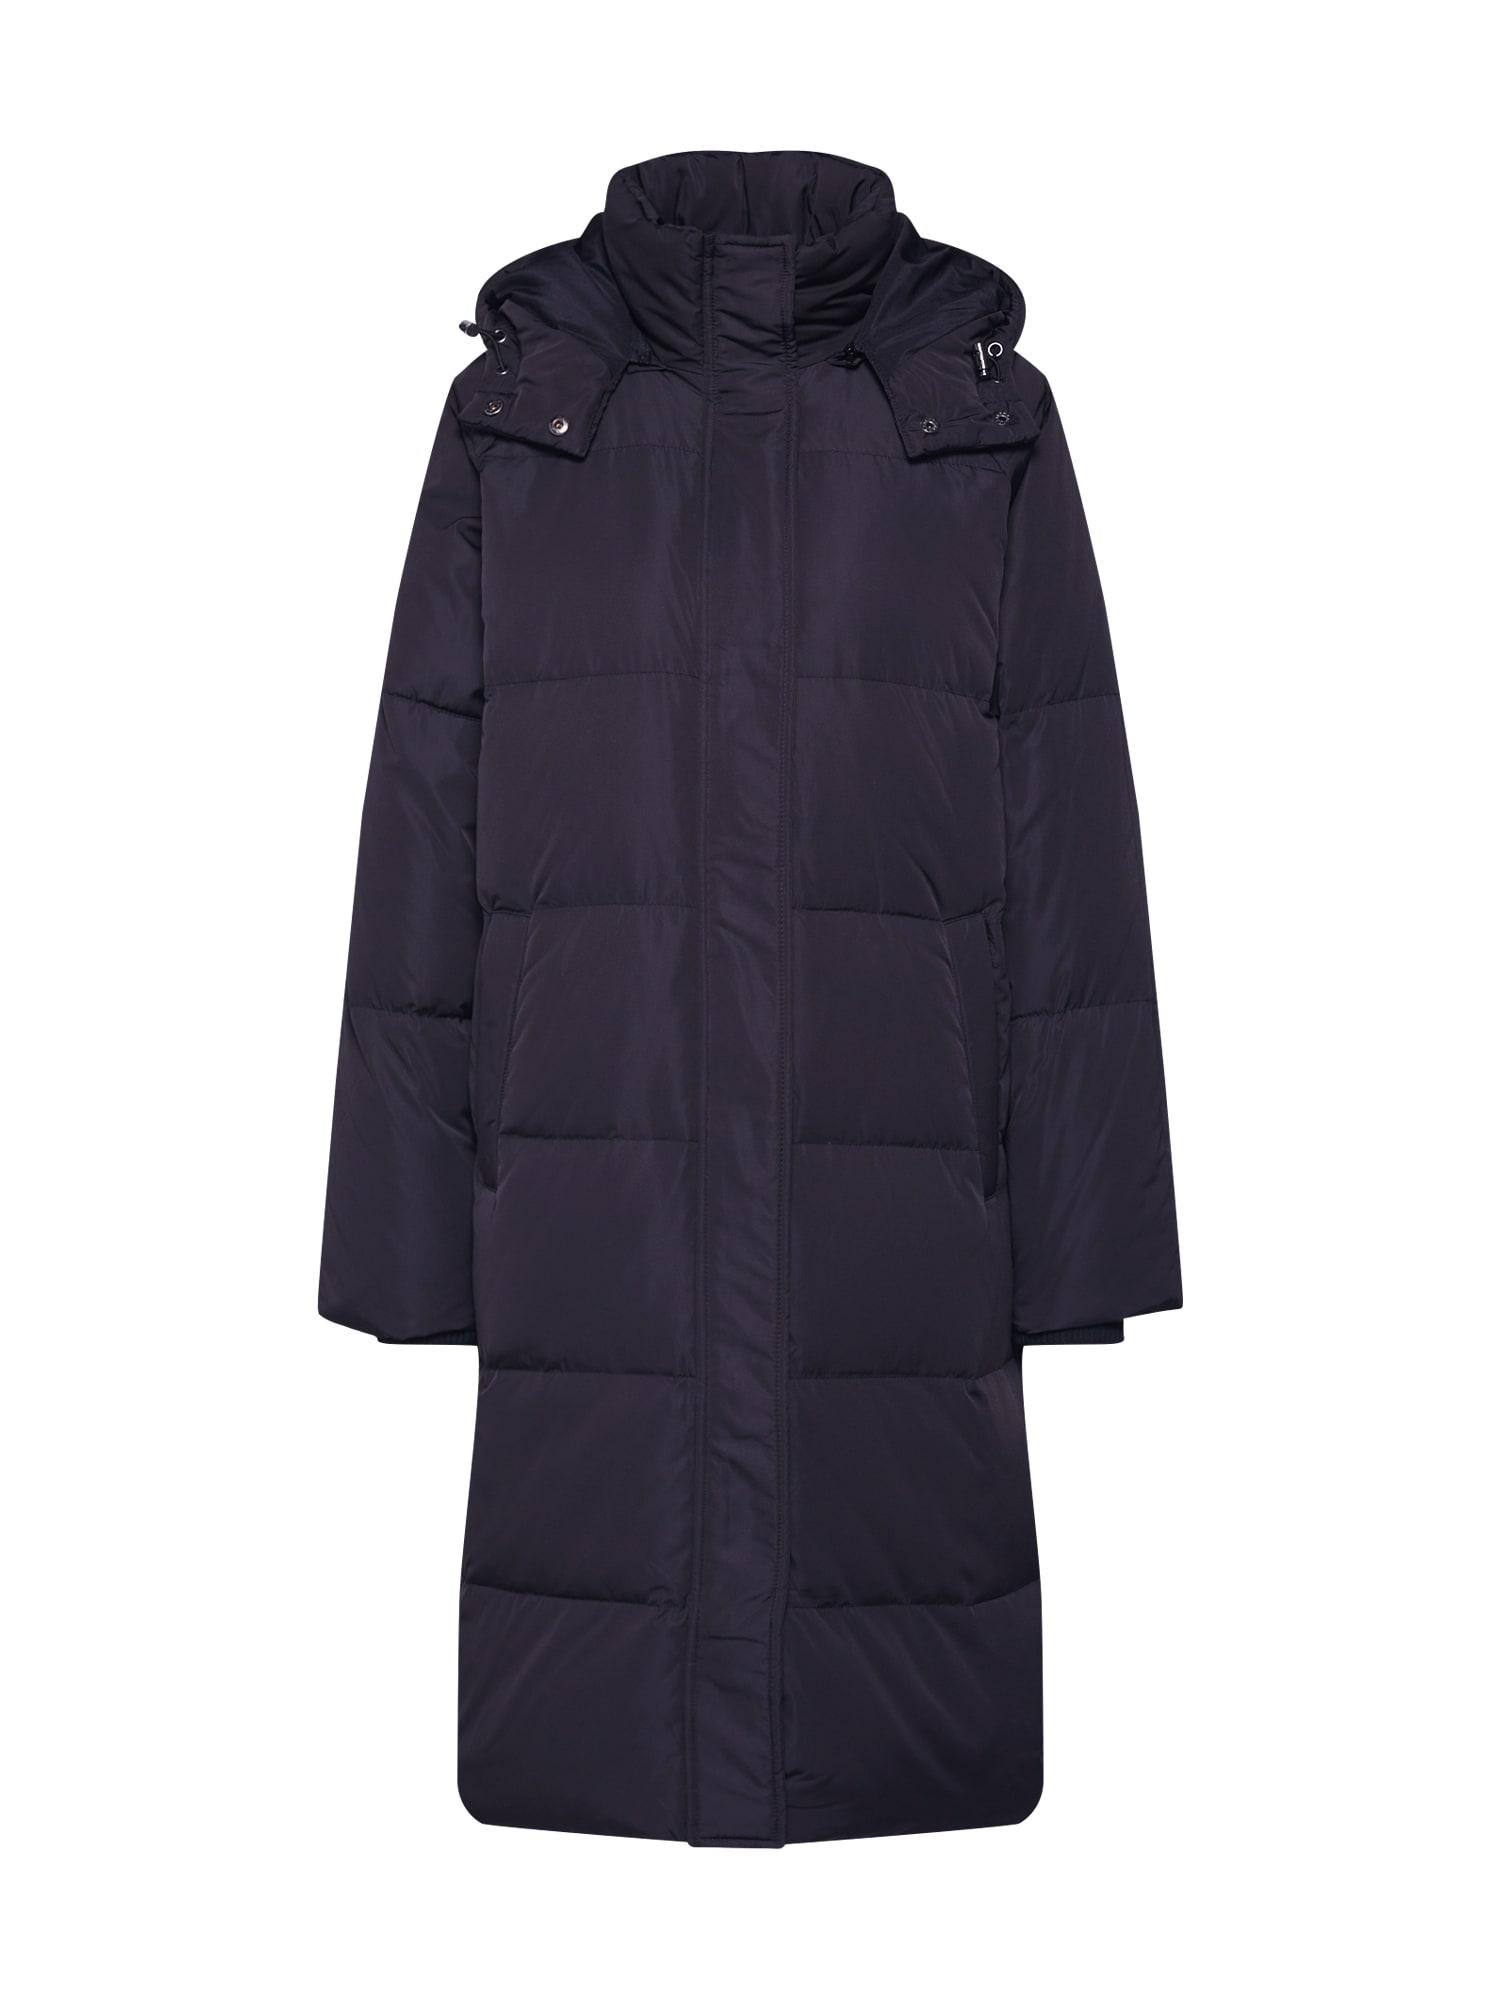 MOSS COPENHAGEN Žieminis paltas 'Skylar' juoda